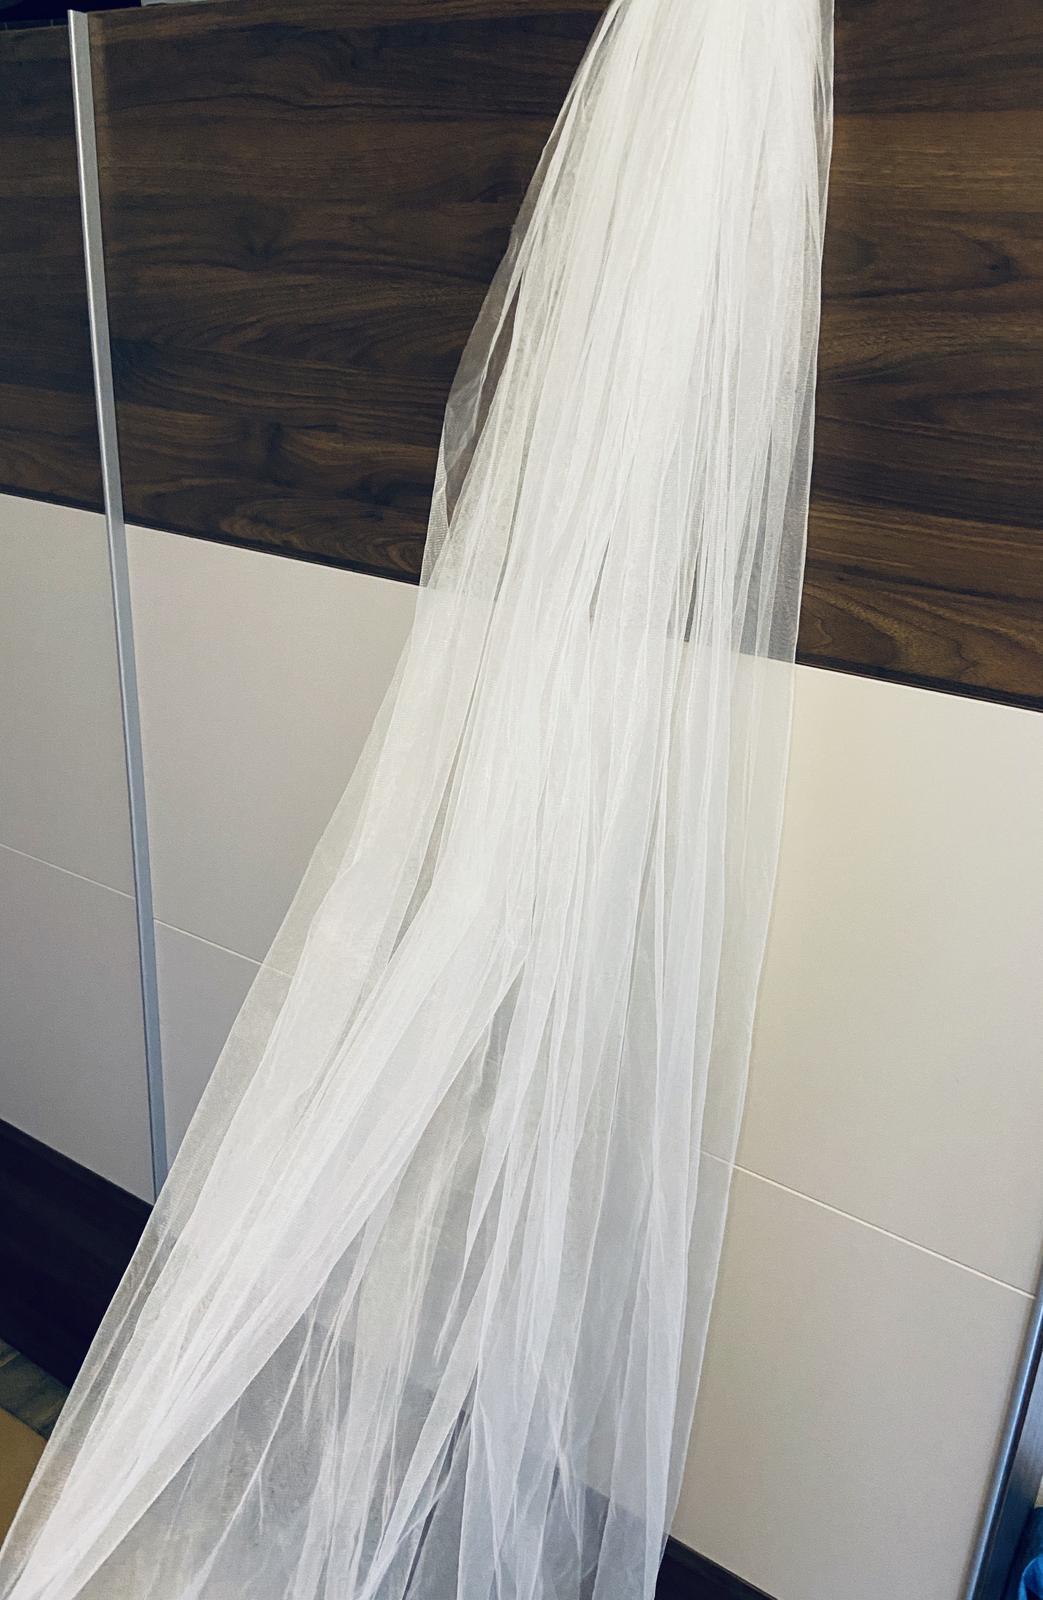 Krásny dlhý biely závoj - Obrázok č. 1